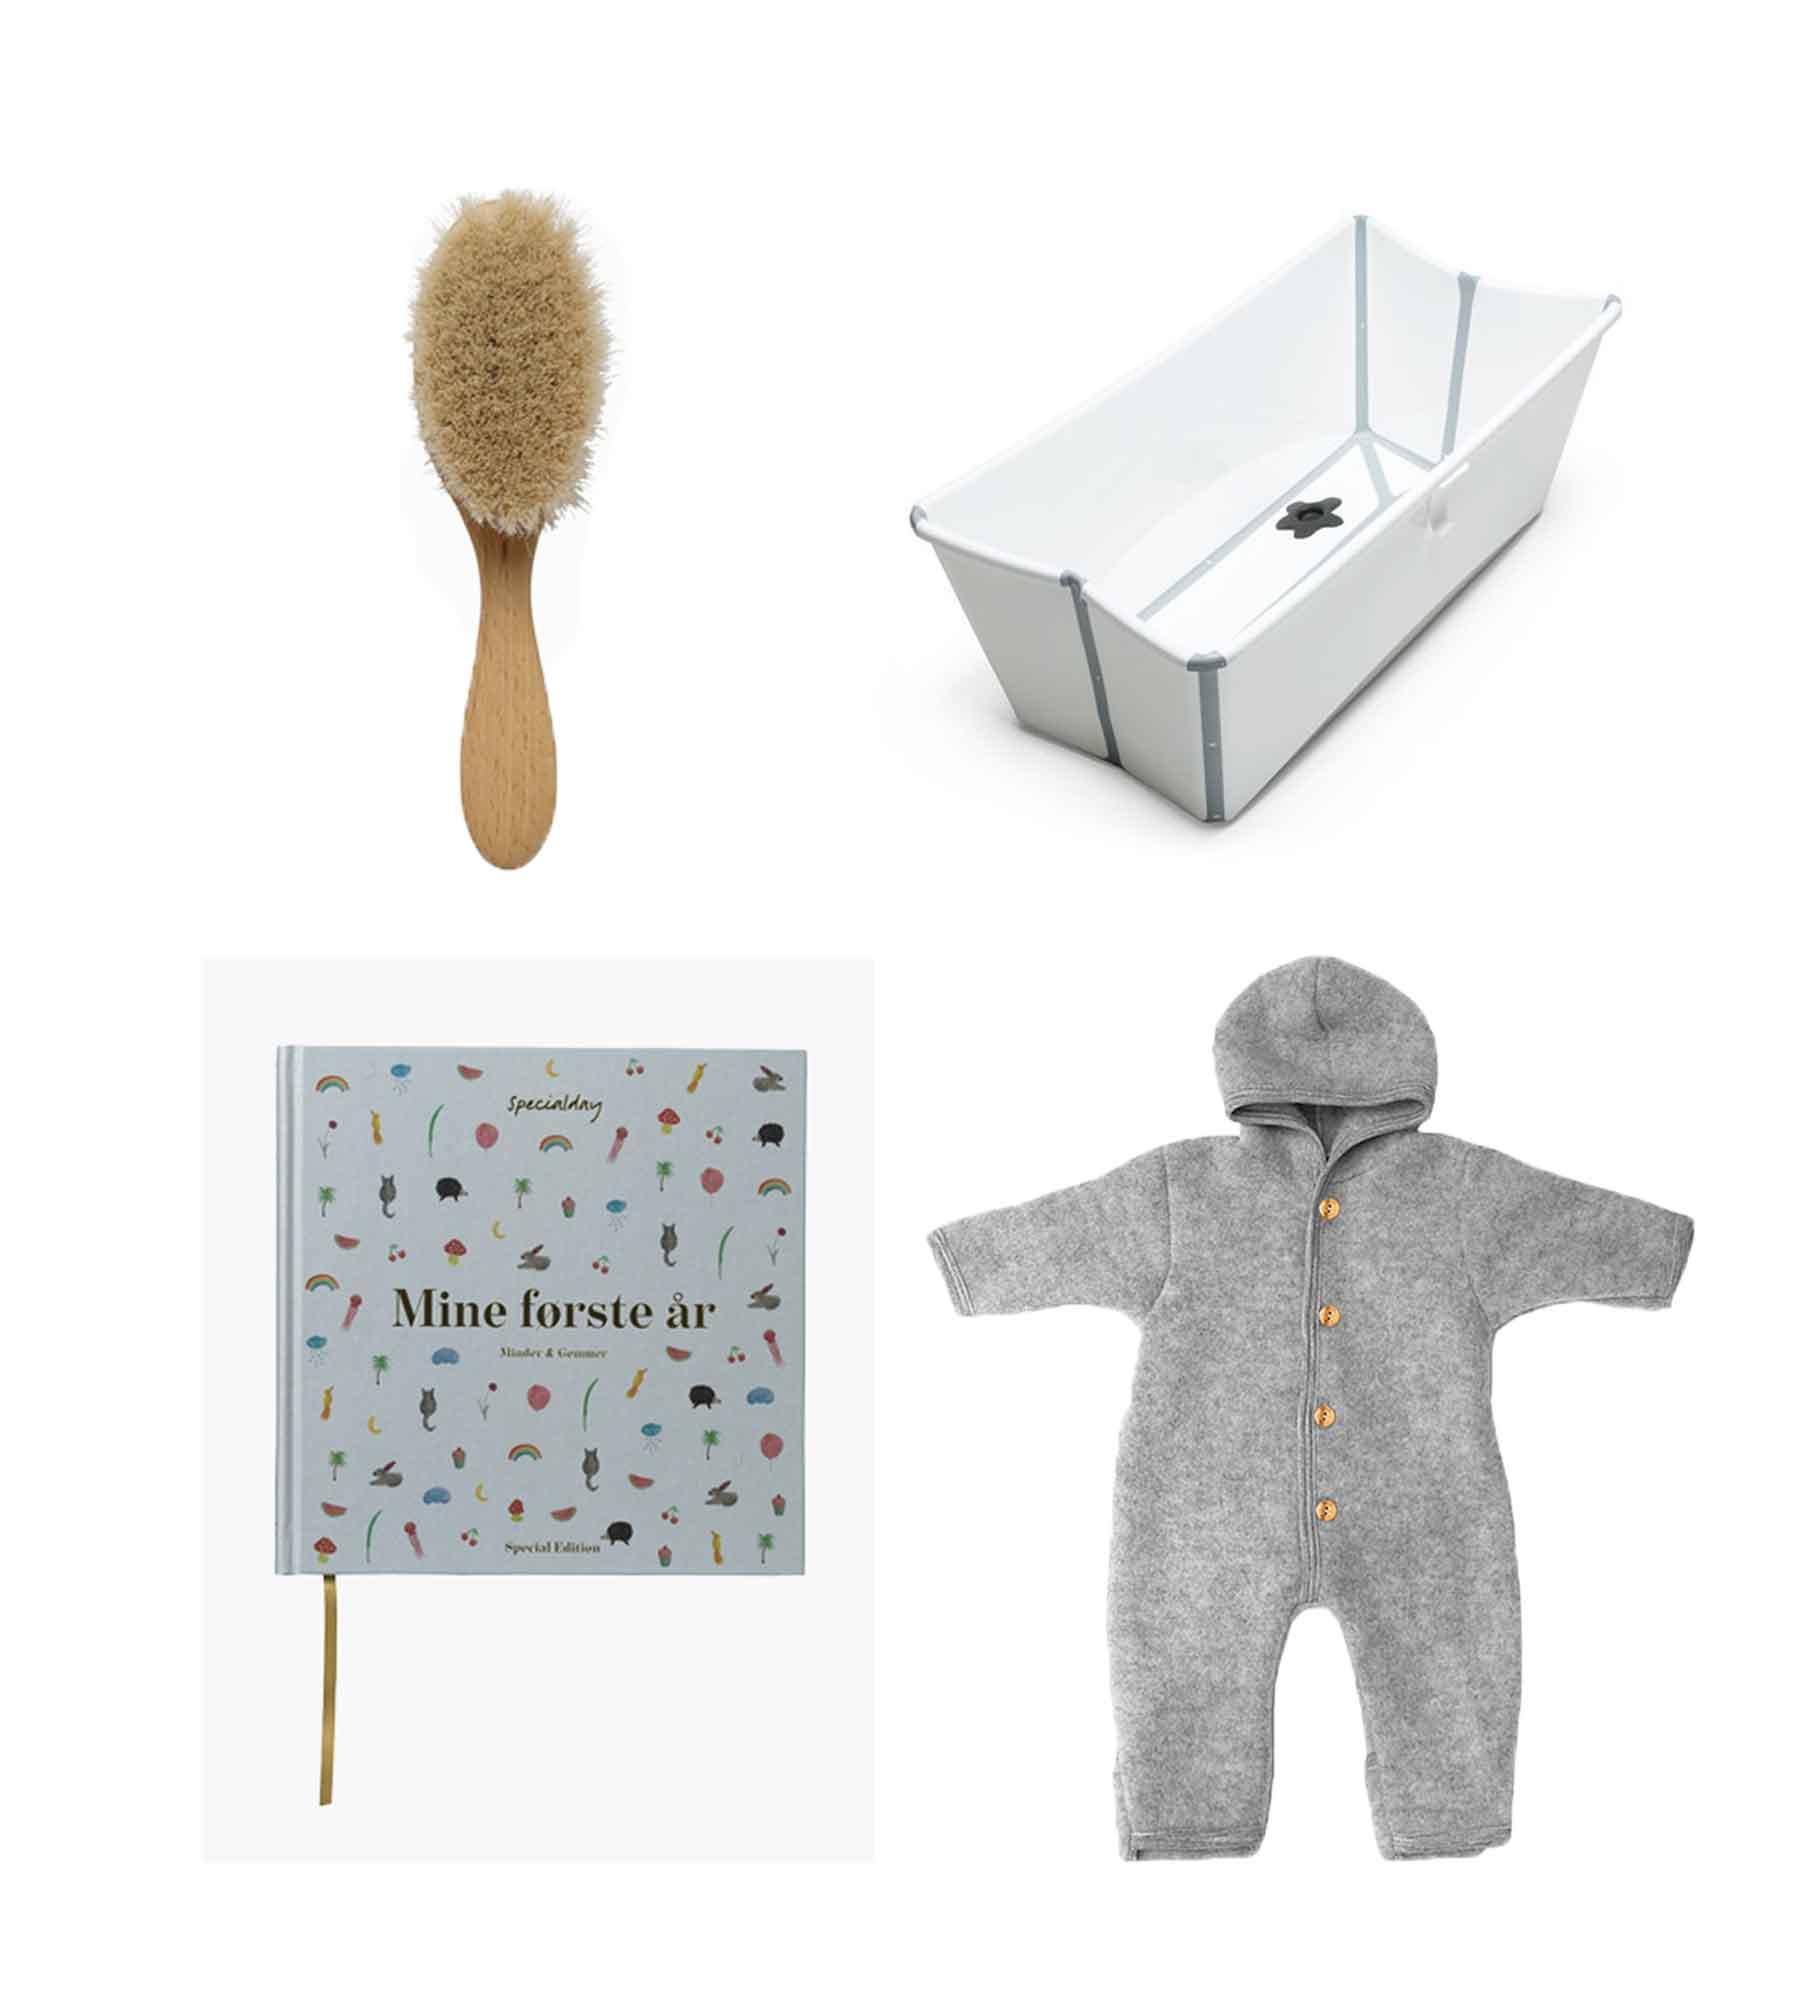 Hairbrush// CROLL & DENECKE Scrapbook// SPECIALDAY  Bath// STOKKE Fleece suit// ENGEL